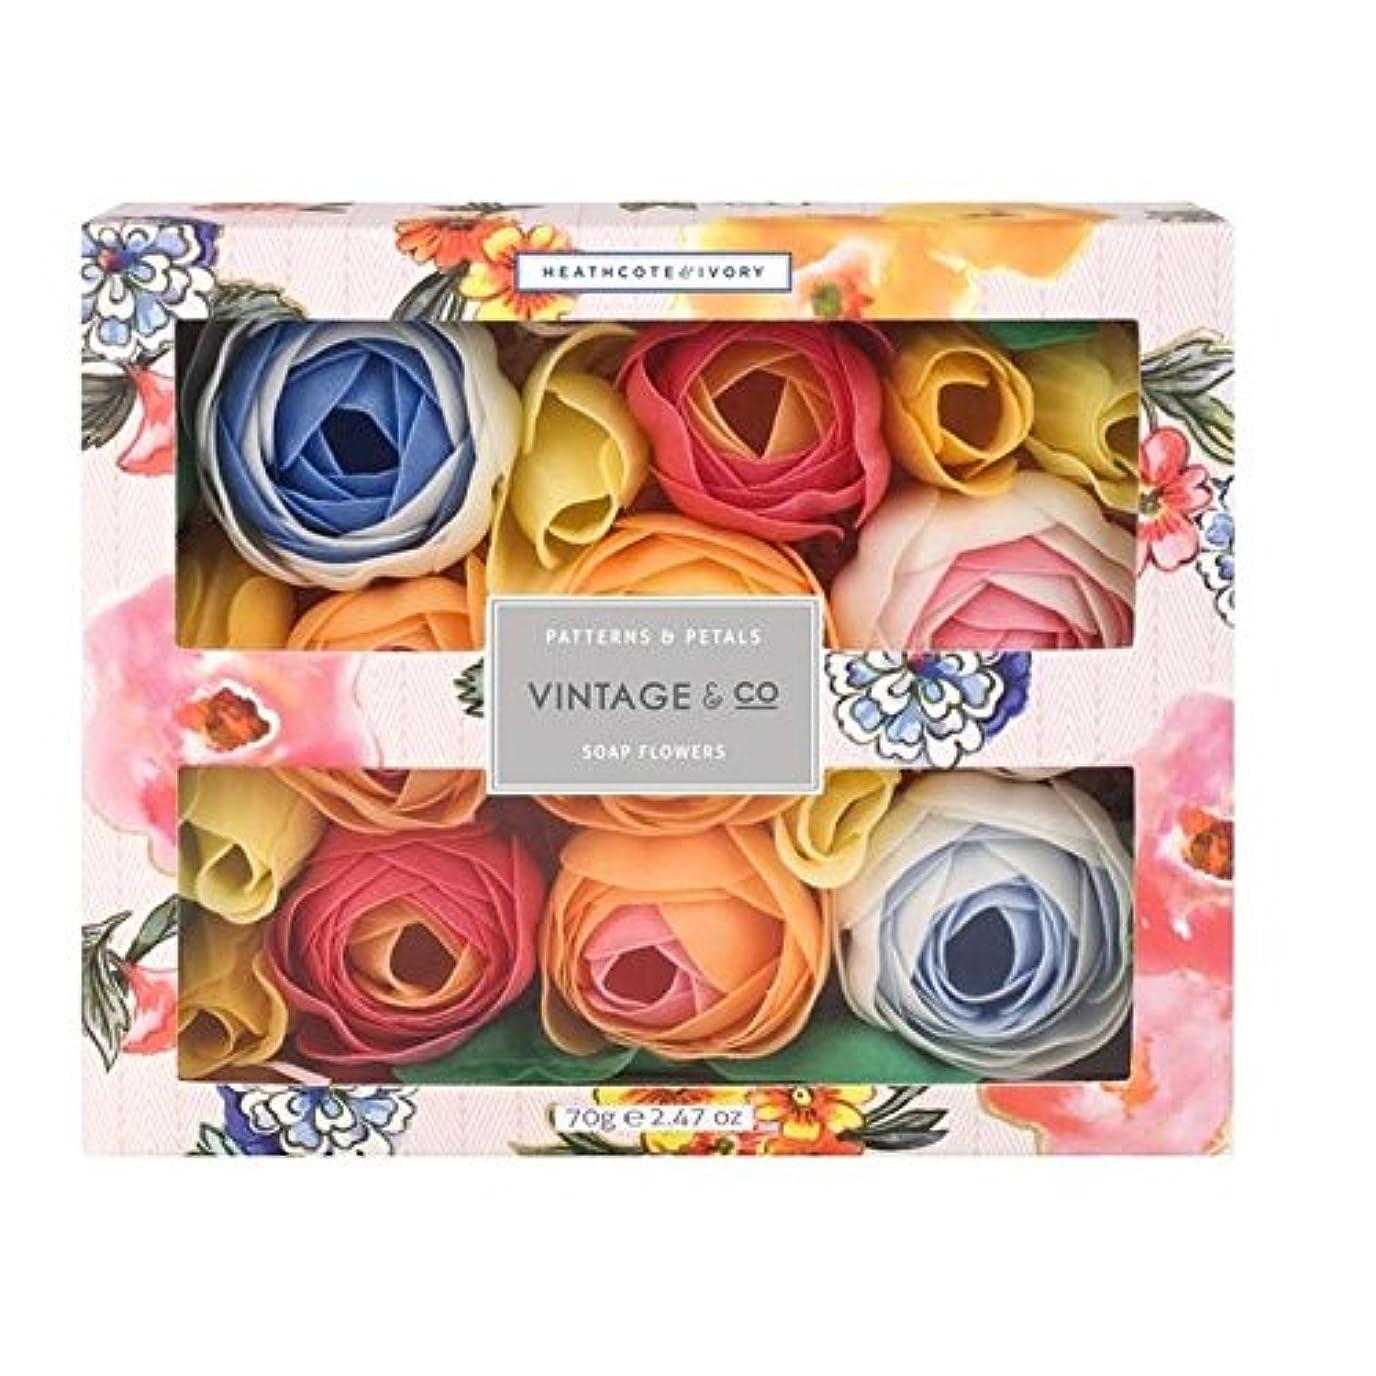 一見アスペクト顕微鏡ヒースコート&アイボリーパターン&花びら石鹸の花70グラム x4 - Heathcote & Ivory Patterns & Petals Soap Flowers 70g (Pack of 4) [並行輸入品]